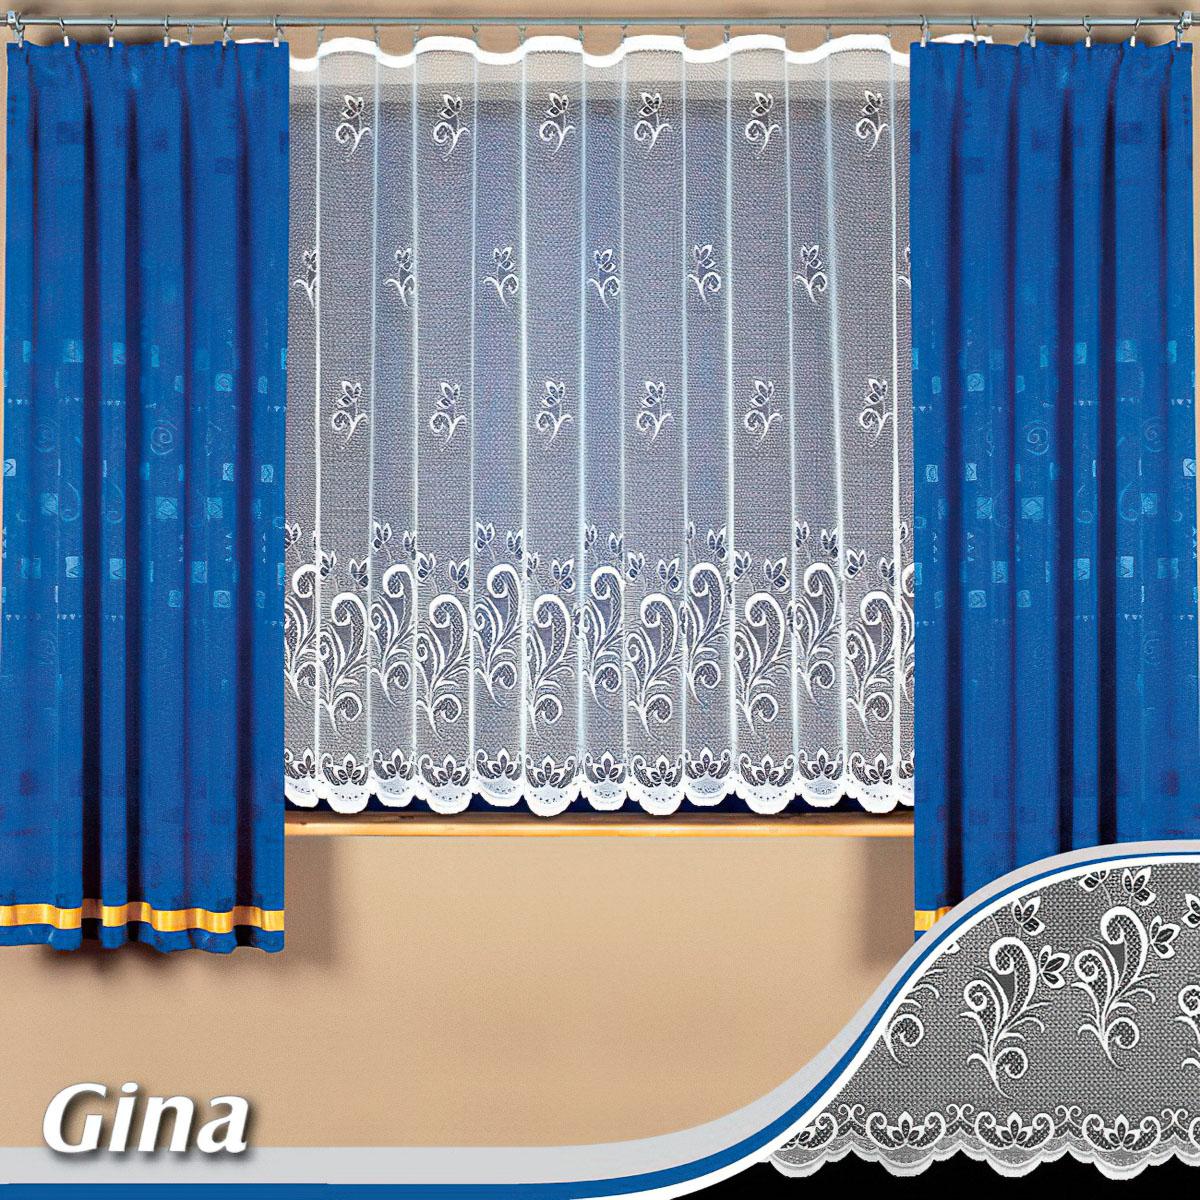 Tylex kusová záclona GINA jednobarevná bílá, výška 250 cm x šířka 180 cm (na dveře)